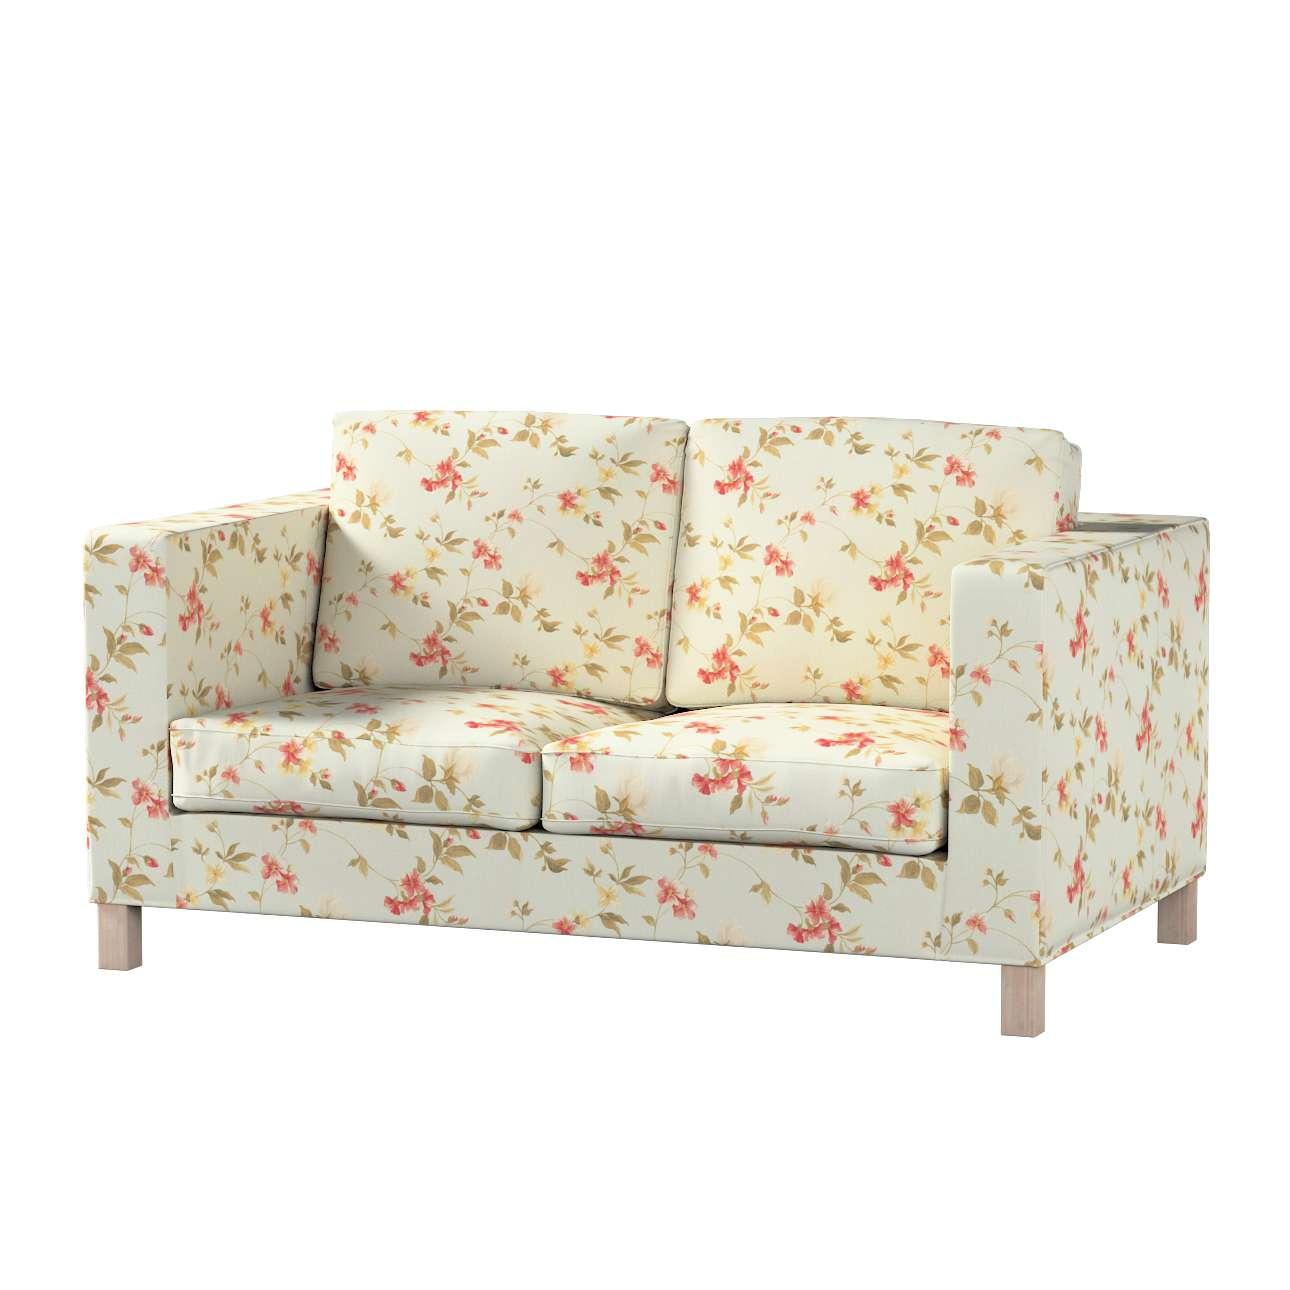 Pokrowiec na sofę Karlanda 2-osobową nierozkładaną, krótki w kolekcji Londres, tkanina: 124-65